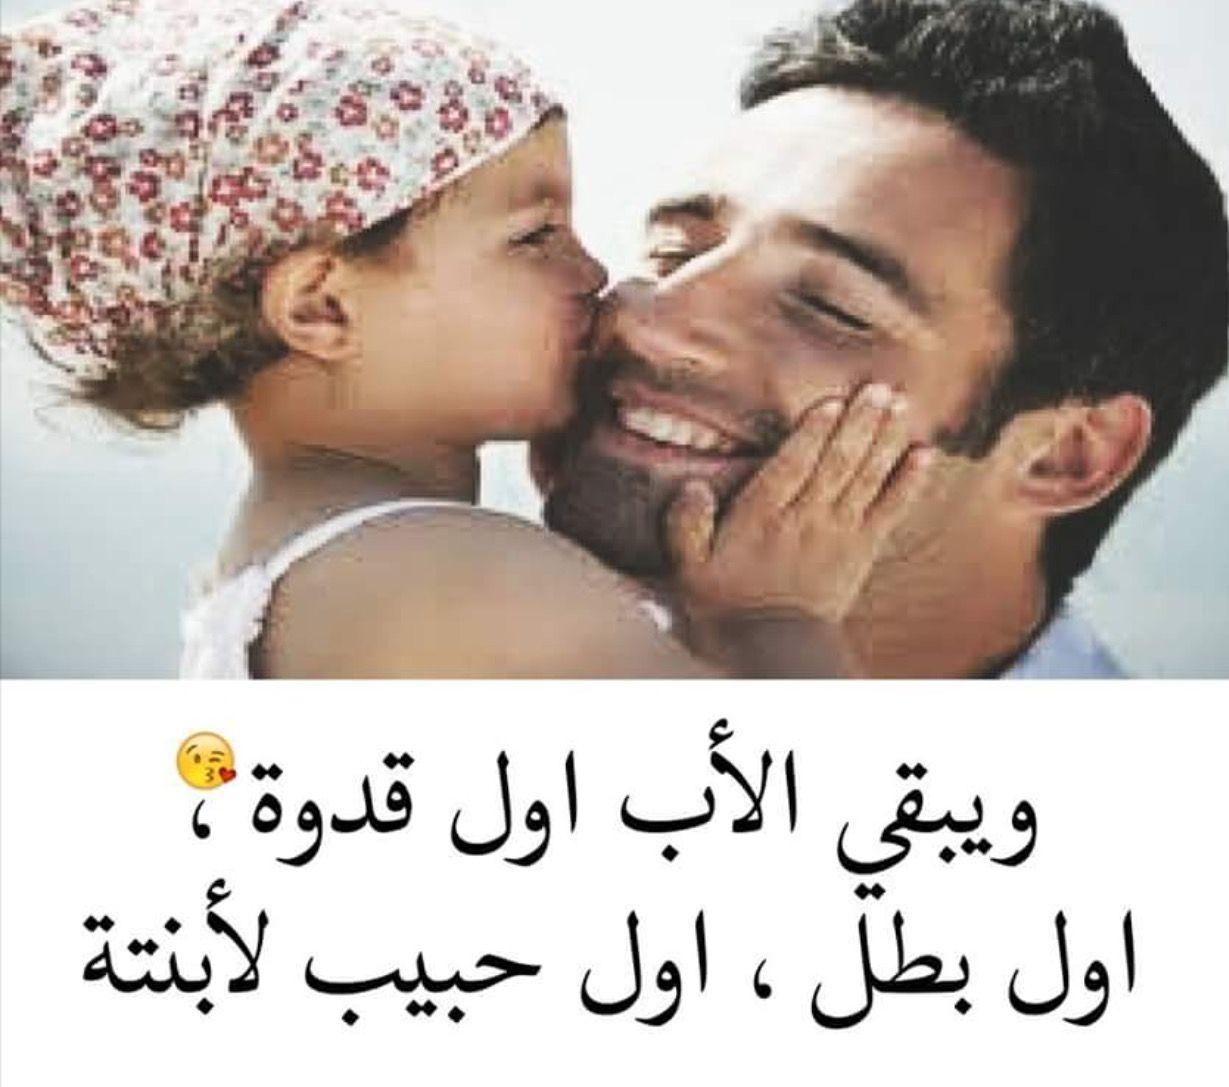 بالصور صور عن الاب , كلمات لابى تقشعر لها الابدان 4825 8